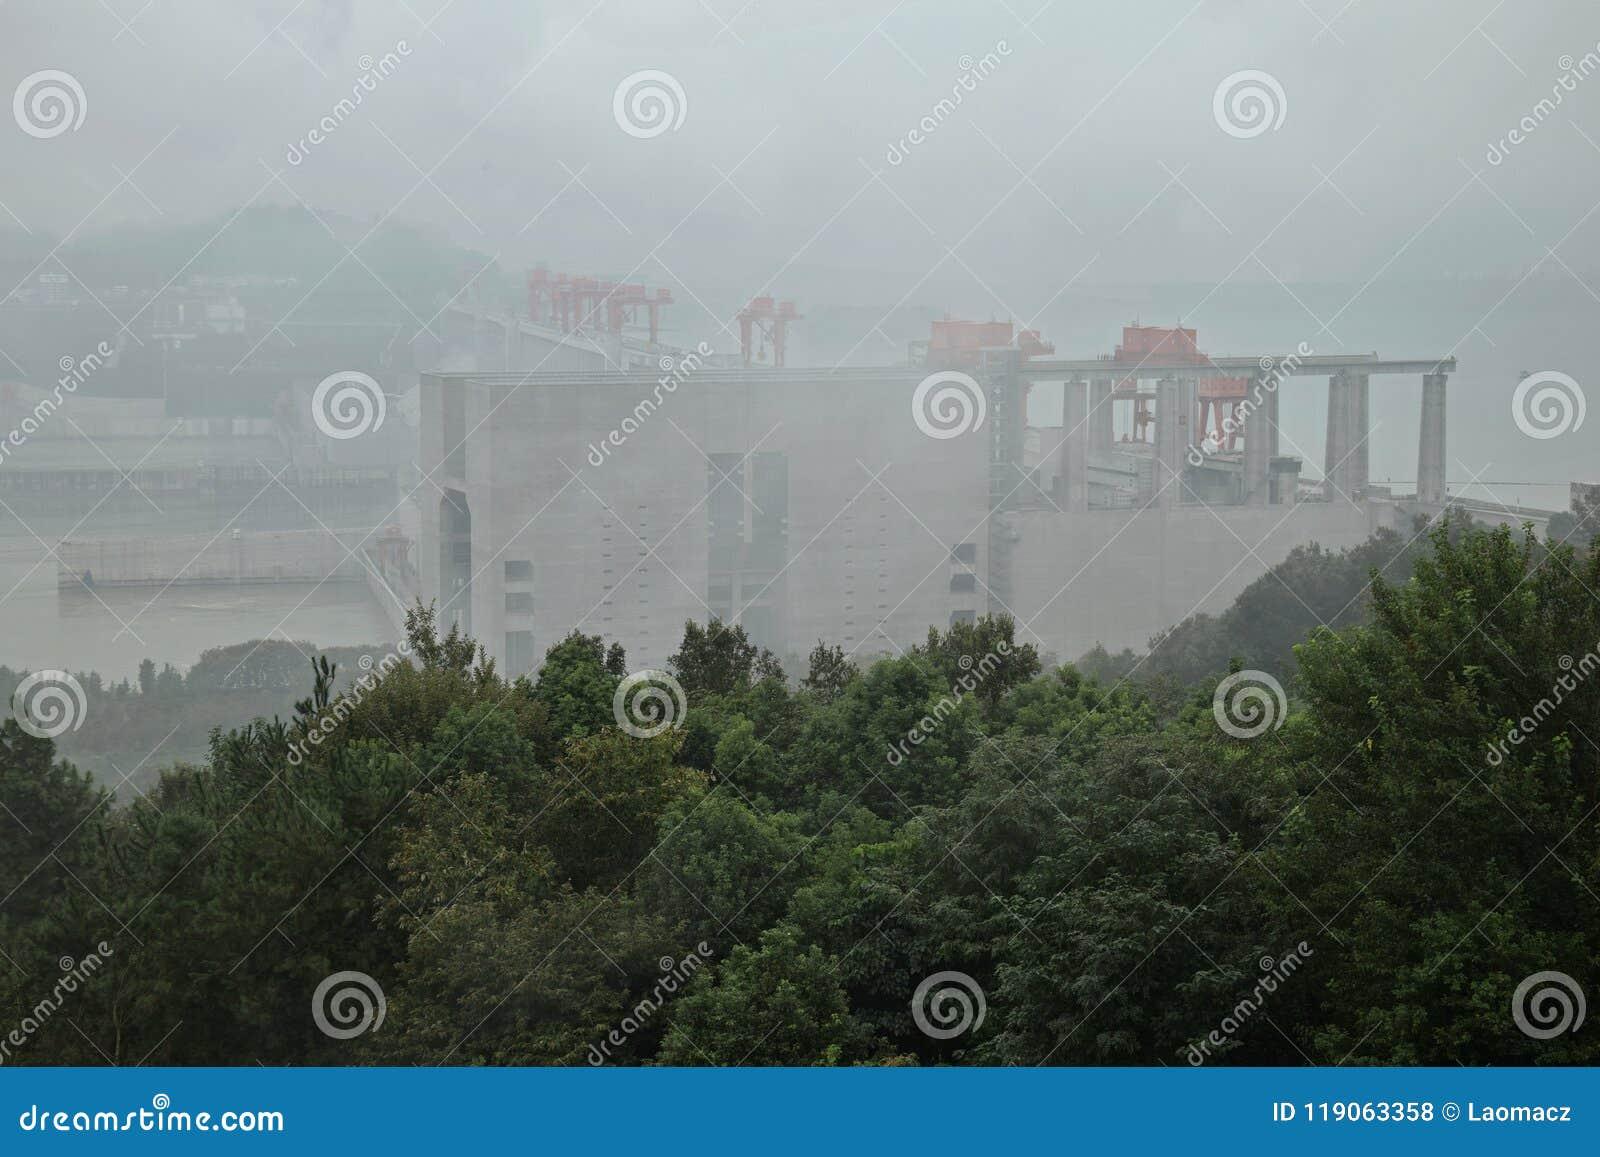 Самая большая гидроэлектрическая электростанция в мире - Дамба (Три ущелья) на Реке Янцзы в Китае